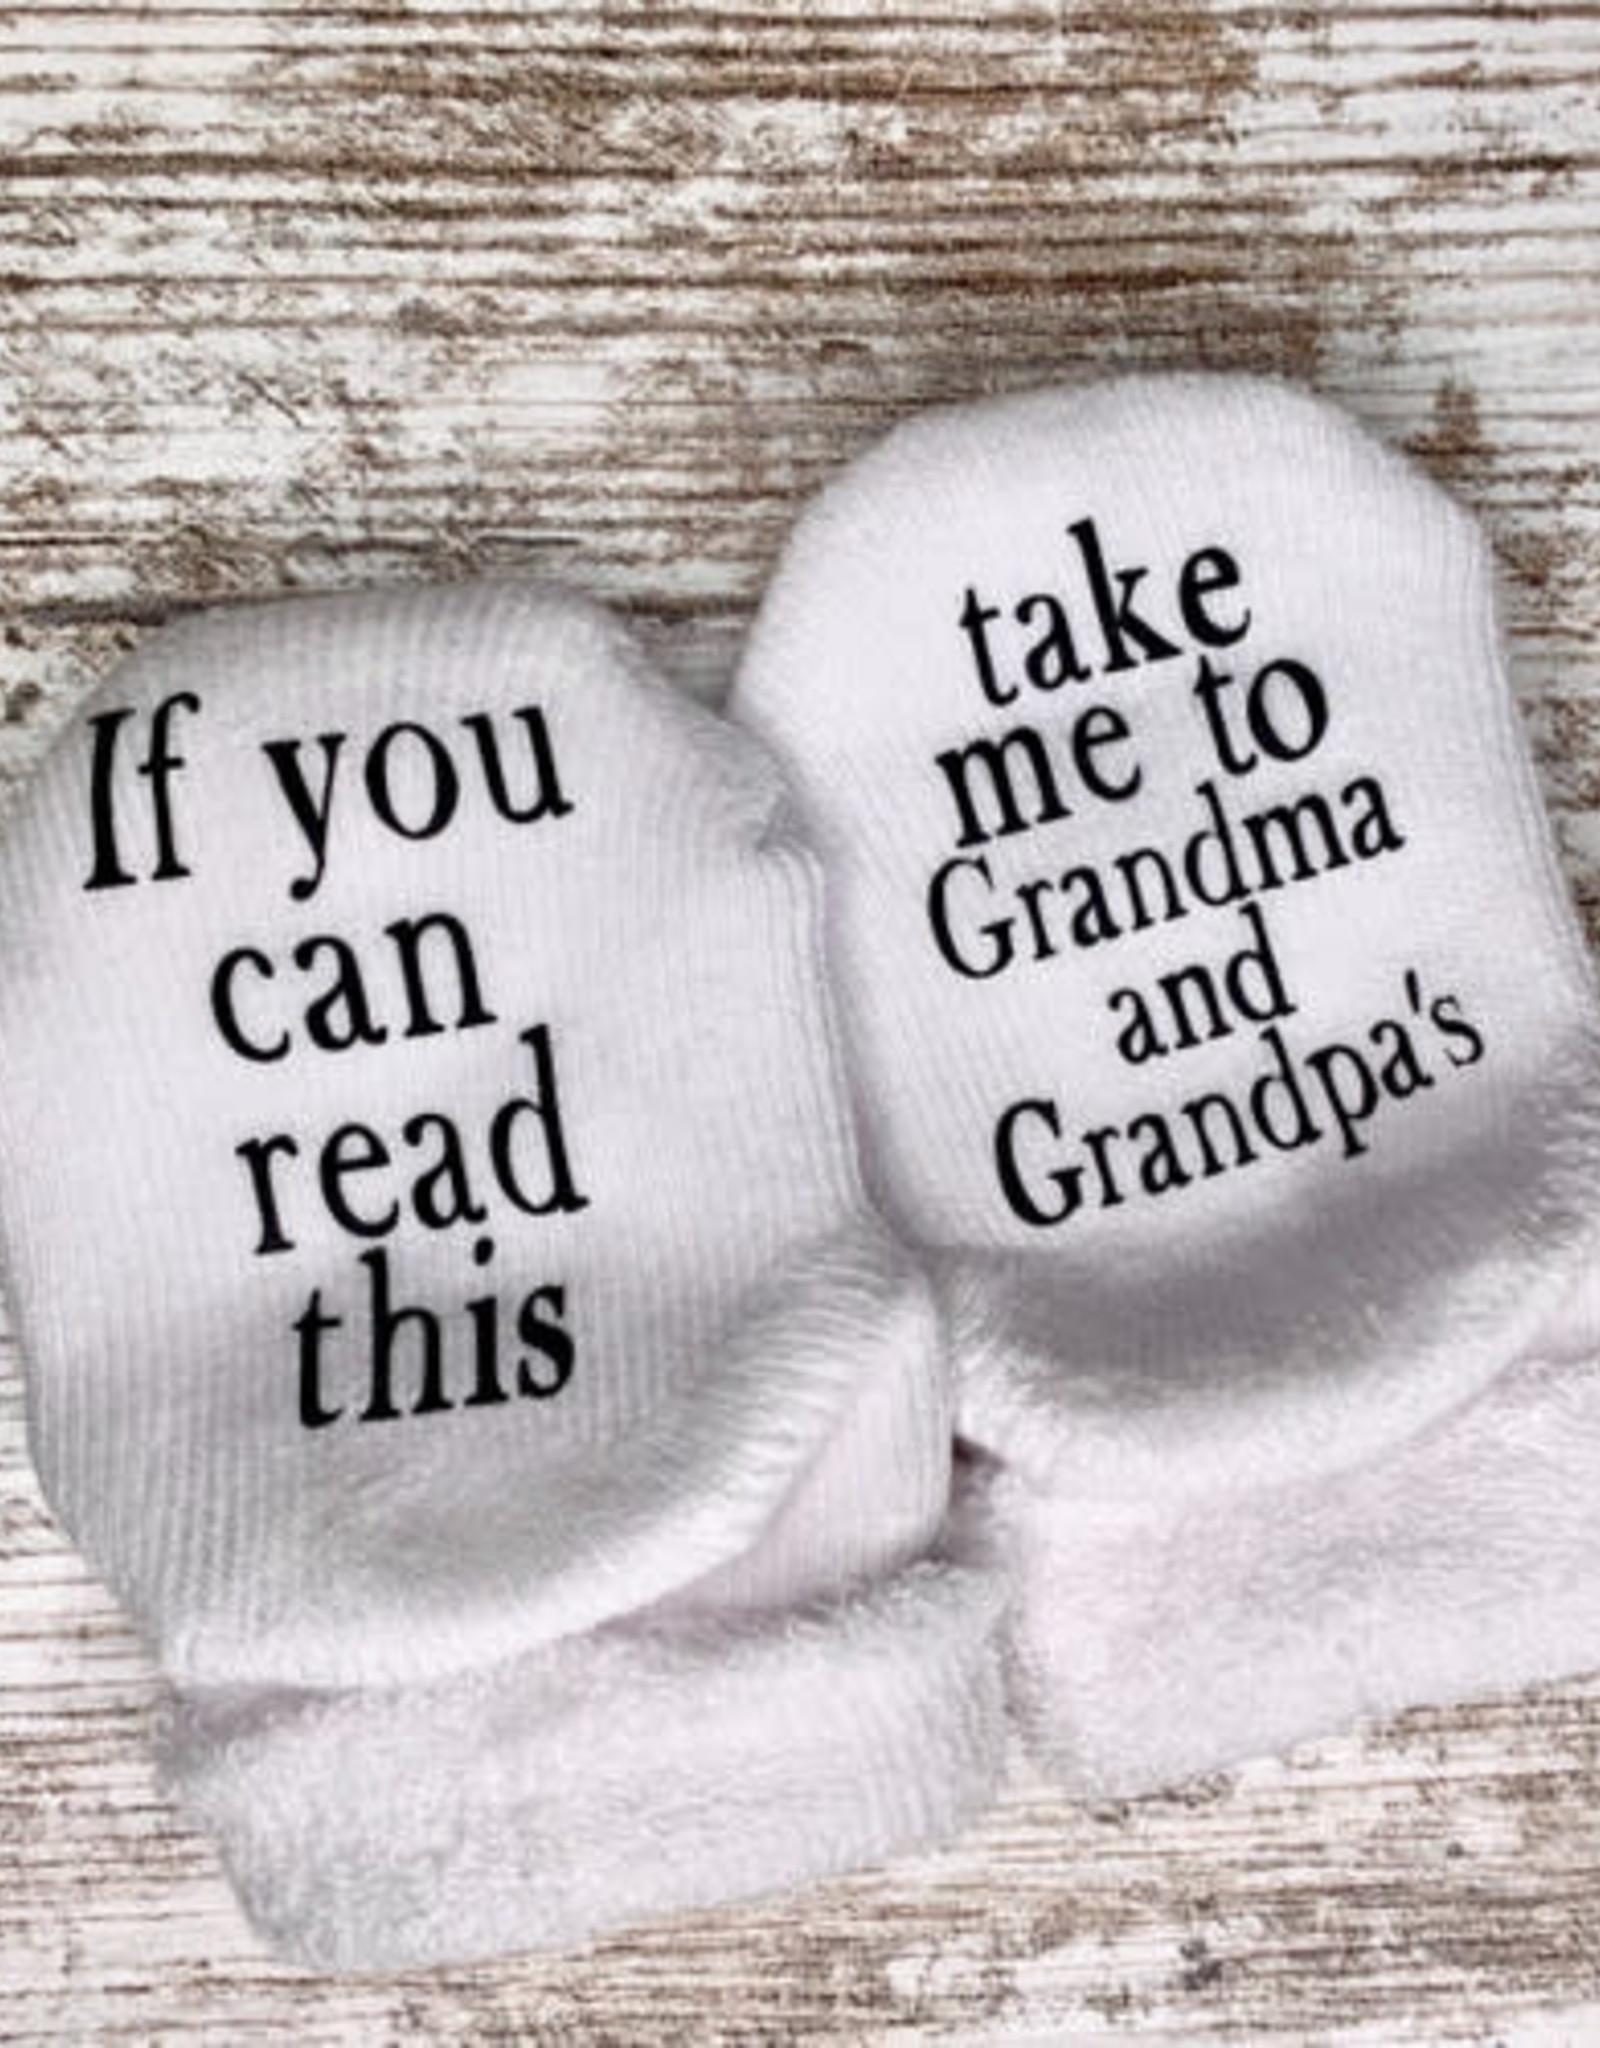 - Take Me to Grandma & Grandpa's 0-6mo. Baby Socks